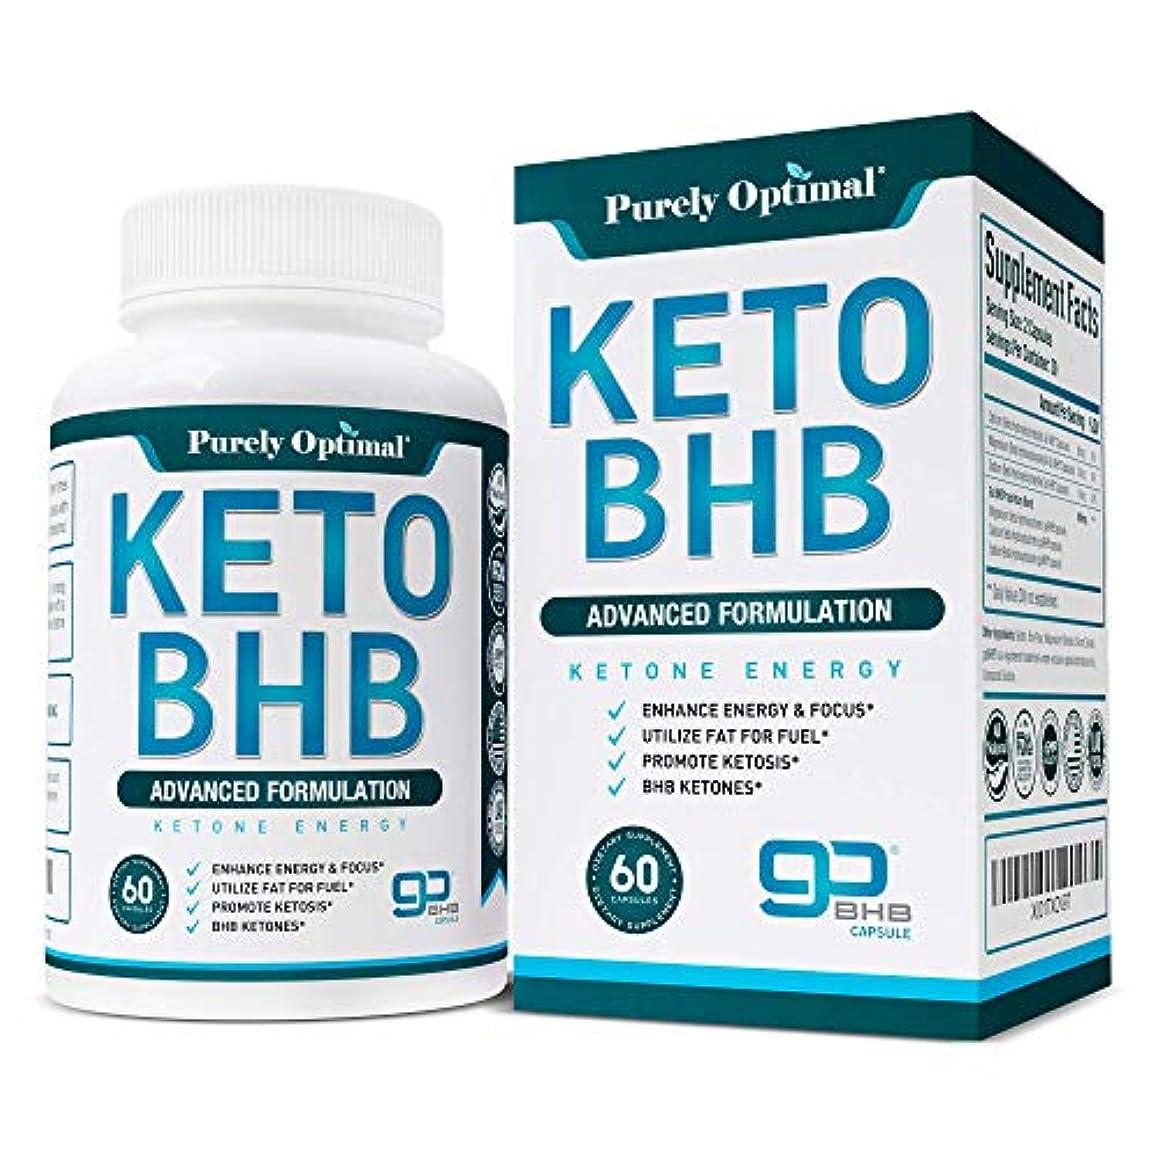 祈るジャケット何[Premium Keto Diet Pills - Utilize Fat for Energy with Ketosis - Boost Energy & Focus, Manage Cravings, Support Metabolism - Keto BHB Supplement for Women and Men - 30 Day Supply]